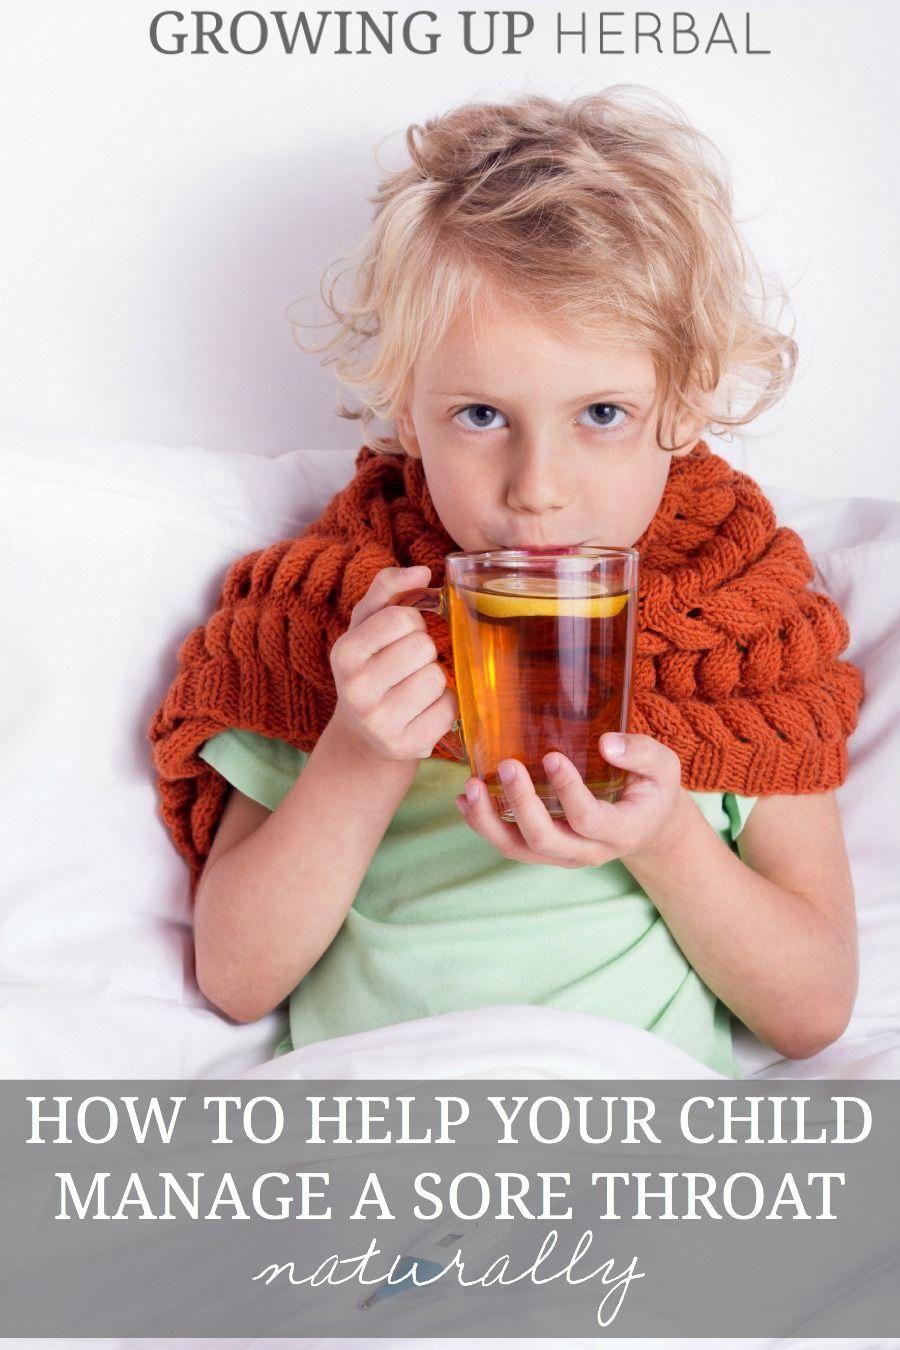 rimedi casalinghi per mal di gola, occhi, pelle e infezioni del seno.